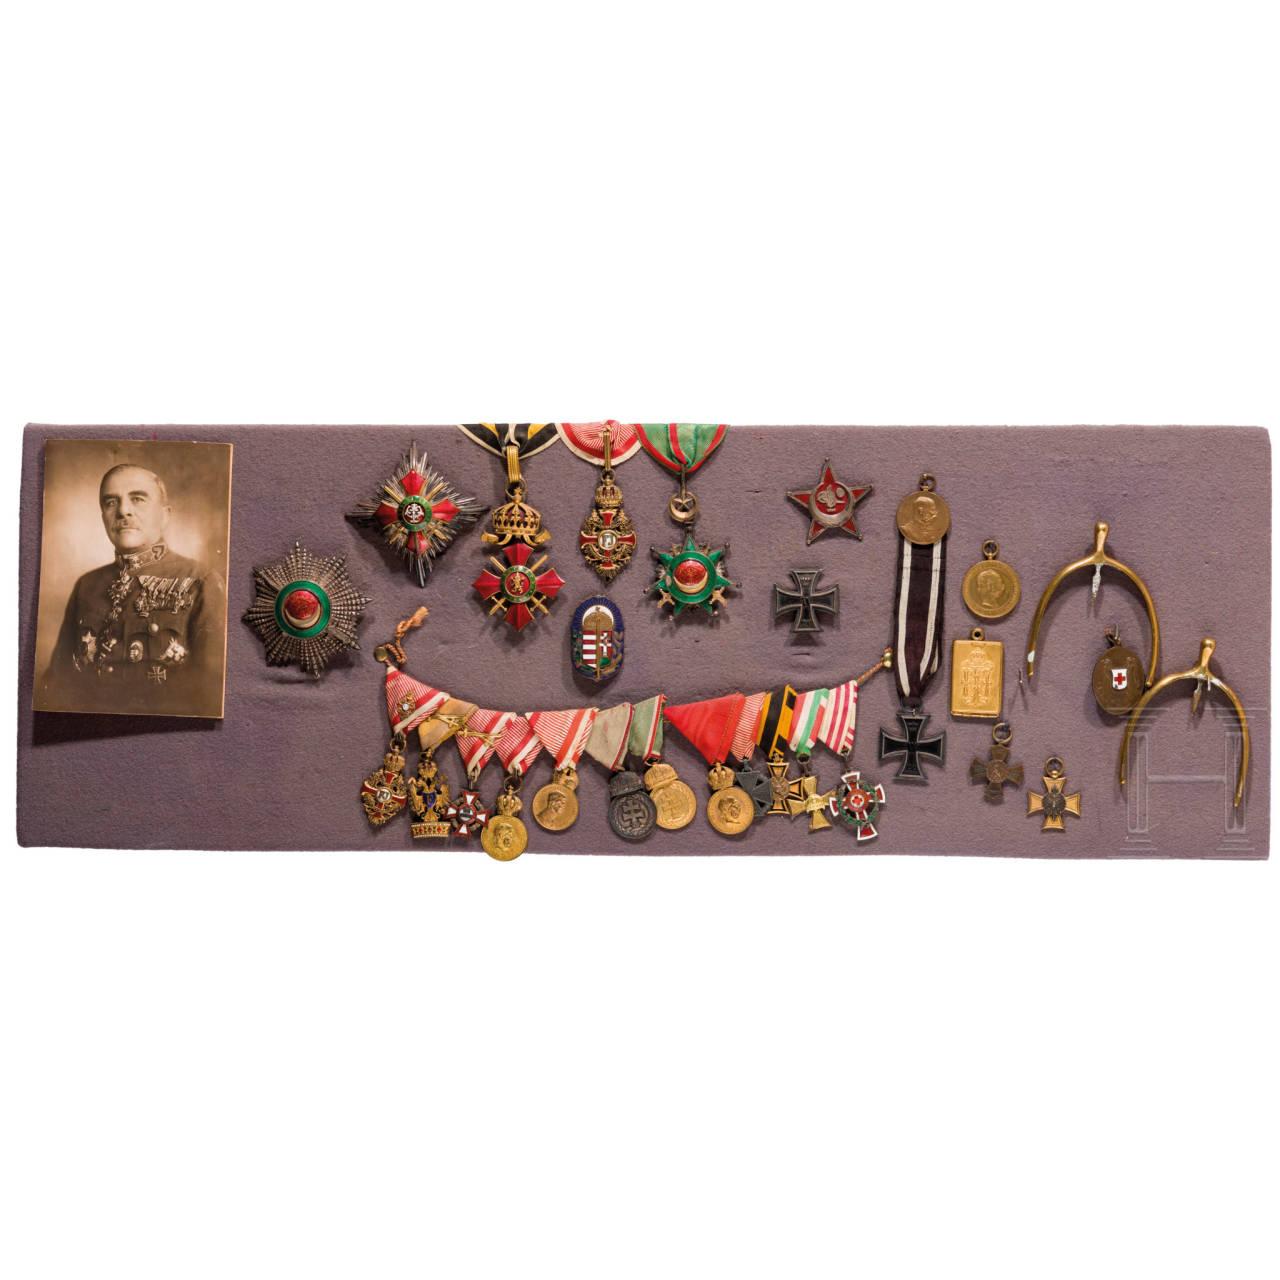 Auszeichnungen und Gemälde des Feldmarschallleutnants Sándor Kontz